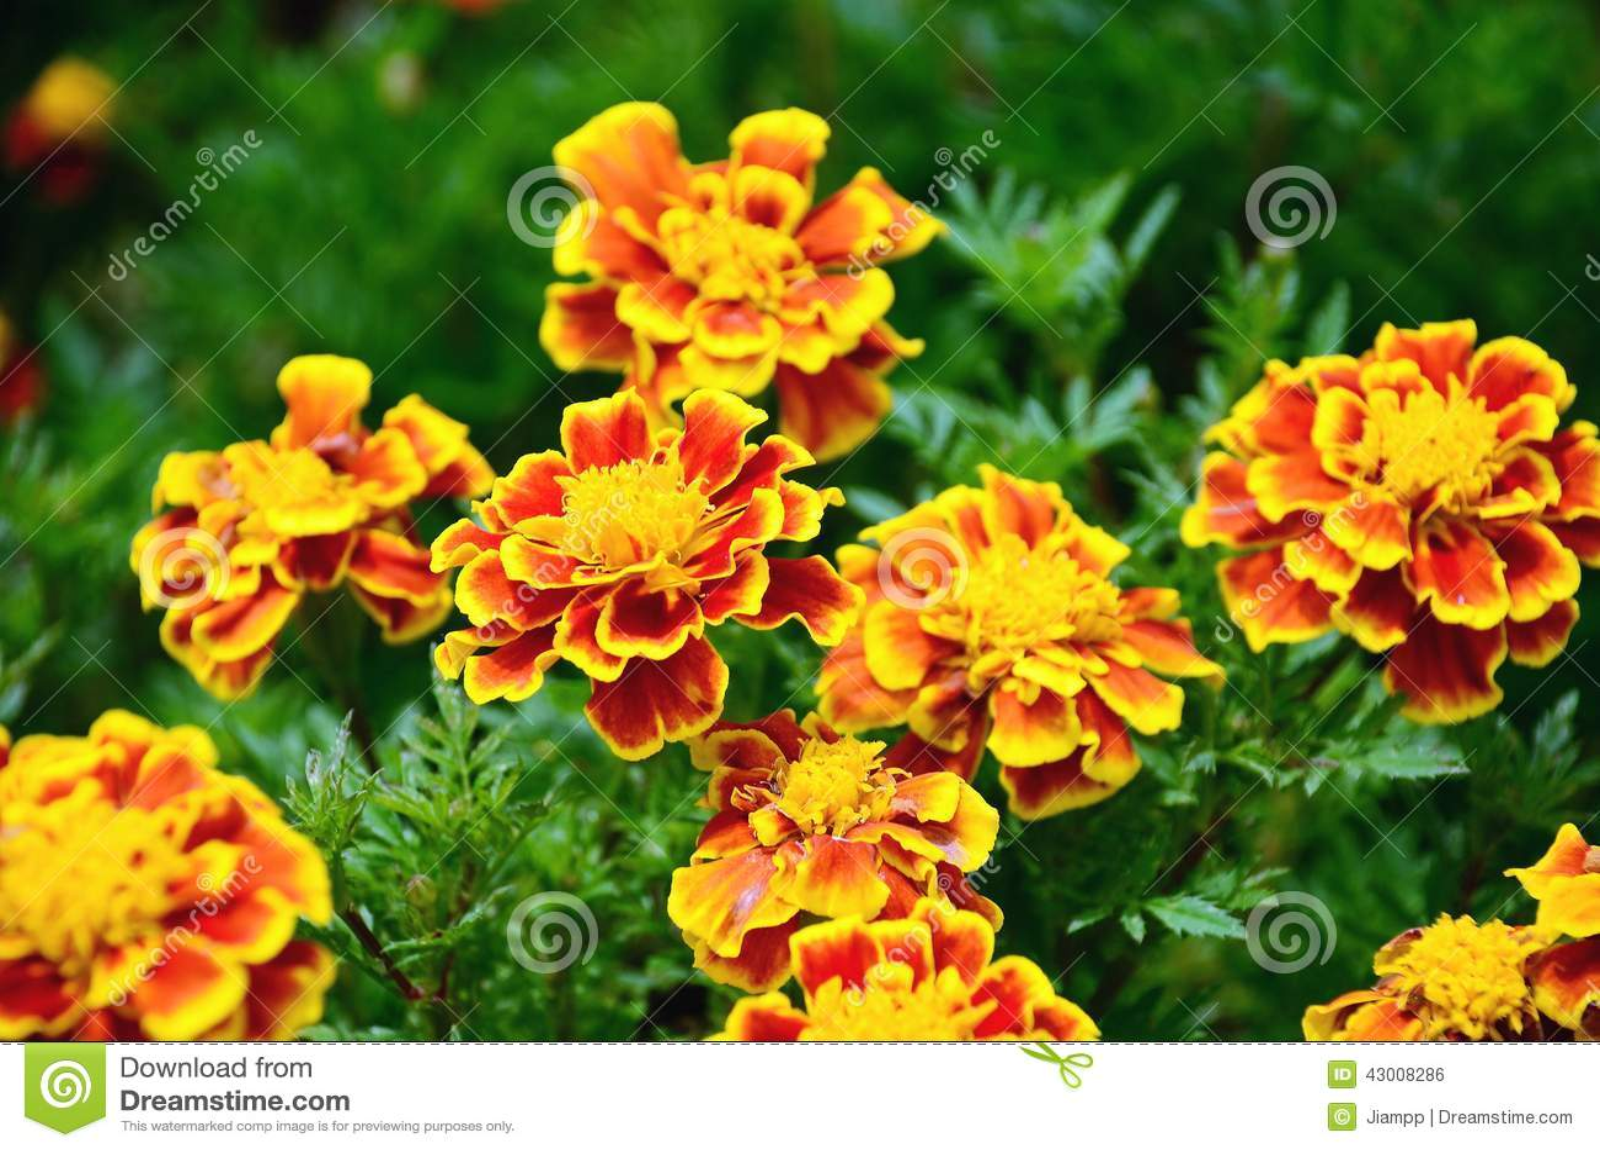 la fleur jaune et rouge dans le jardin a brill au soleil photo stock image 43008286. Black Bedroom Furniture Sets. Home Design Ideas